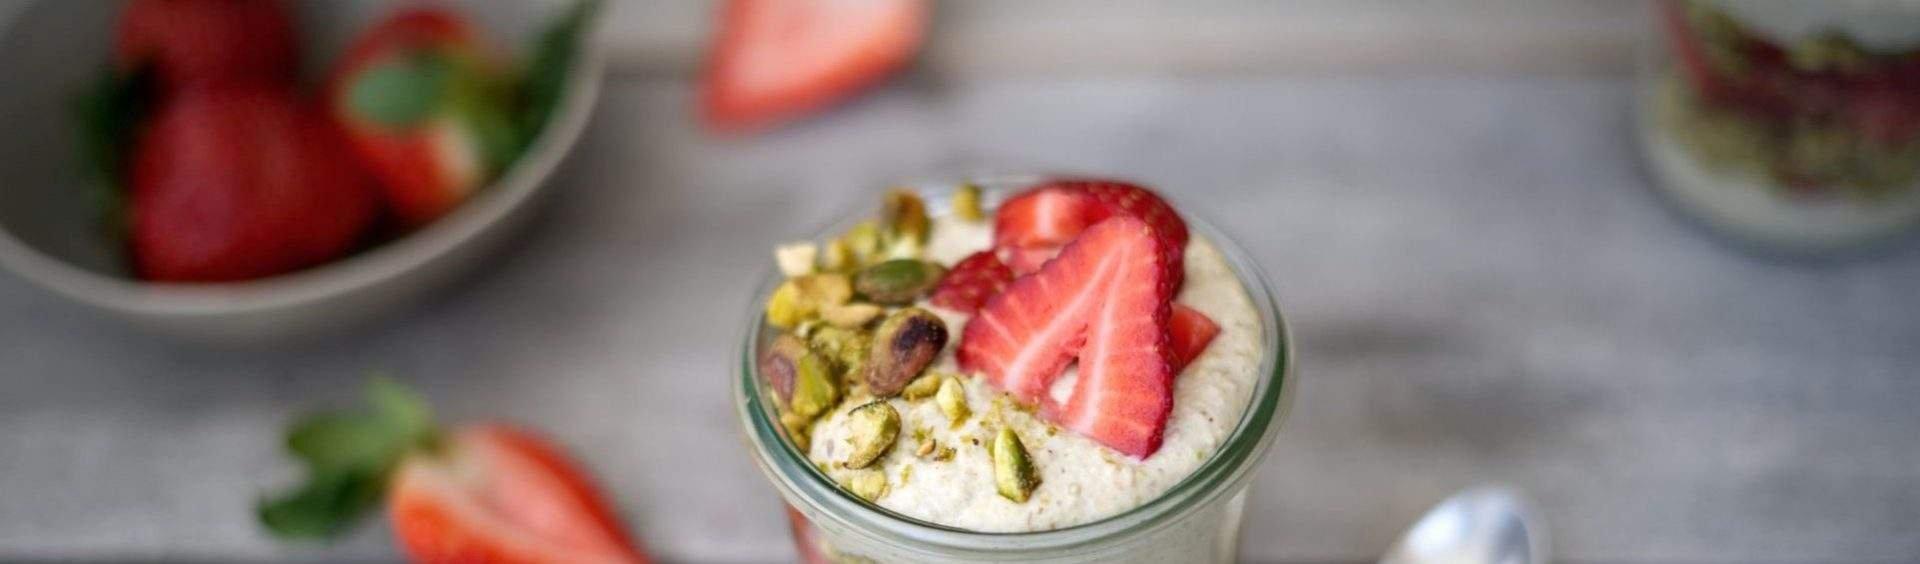 creme de iogurte com morango e pistache